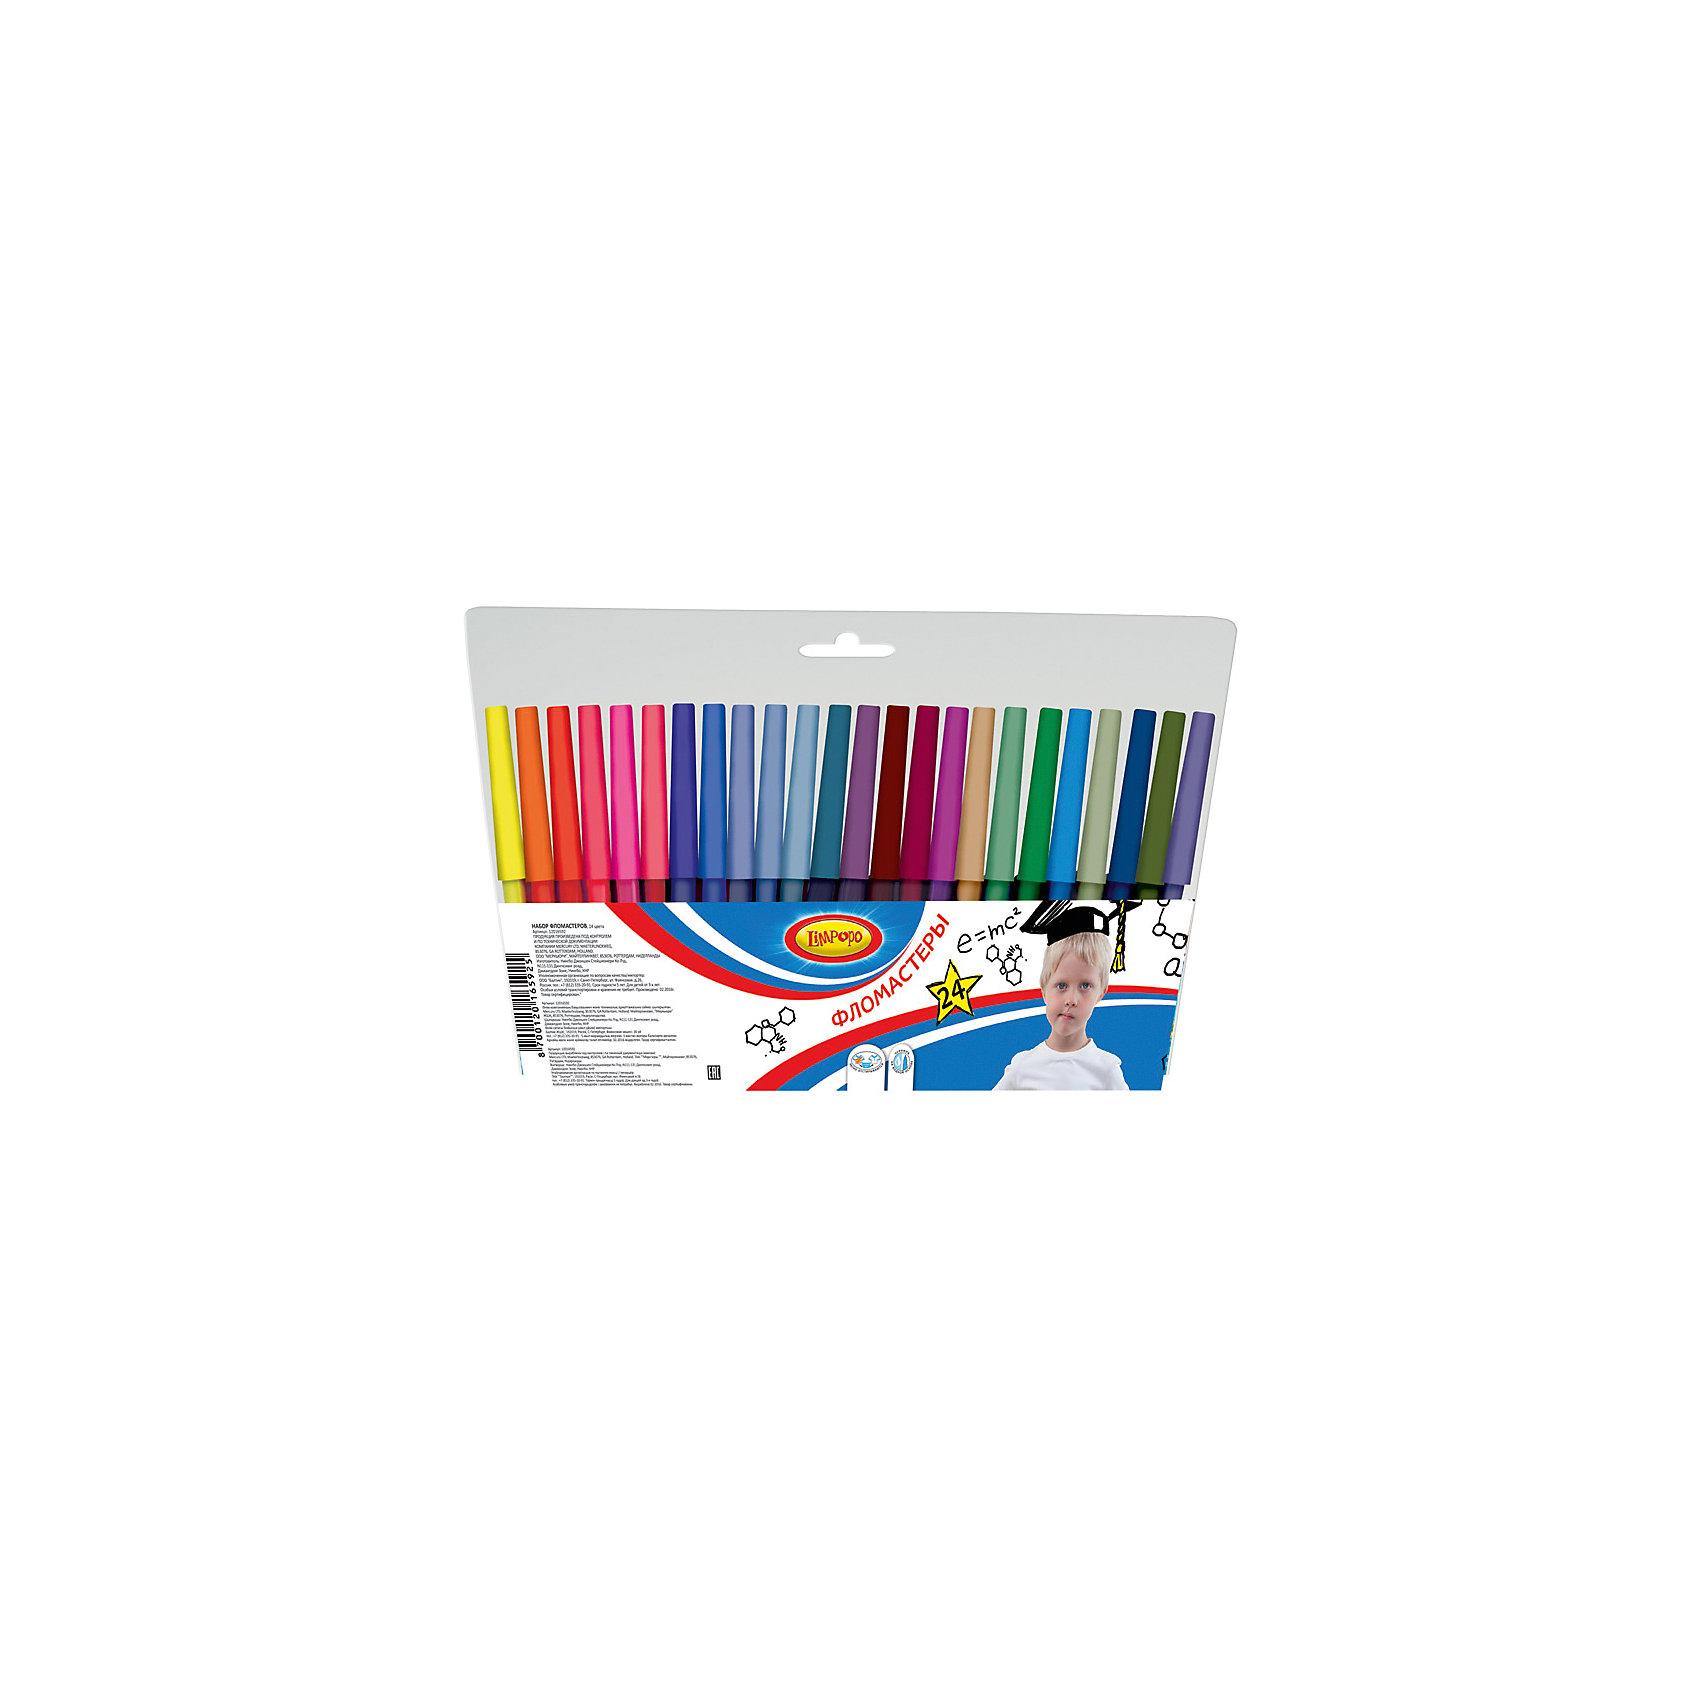 Фломастеры Супер-Дети, 24 цветаНабор цветных фломастеров Limpopo Супер-Дети - помогут развить юным художникам творческие способности, цветовое восприятие, фантазию и воображение.  Фломастеры  Limpopo обладают яркими цветами и удобным пластиковым корпусом, который  делает процесс рисования максимально комфортным. Чернила на водной основе не токсичны, не имеют запаха, легко смываются с рук и отстирываются с ткани.  Вентилируемый колпачок обеспечивает безопасность при использовании фломастеров ребенком (не перекрывает доступ кислорода в случае попадания колпачка в дыхательные пути). Фиксированный пишущий узел не даст стержню провалиться даже при сильном нажатии.<br><br>Ширина мм: 9<br>Глубина мм: 1660<br>Высота мм: 230<br>Вес г: 125<br>Возраст от месяцев: 48<br>Возраст до месяцев: 96<br>Пол: Унисекс<br>Возраст: Детский<br>SKU: 5475465